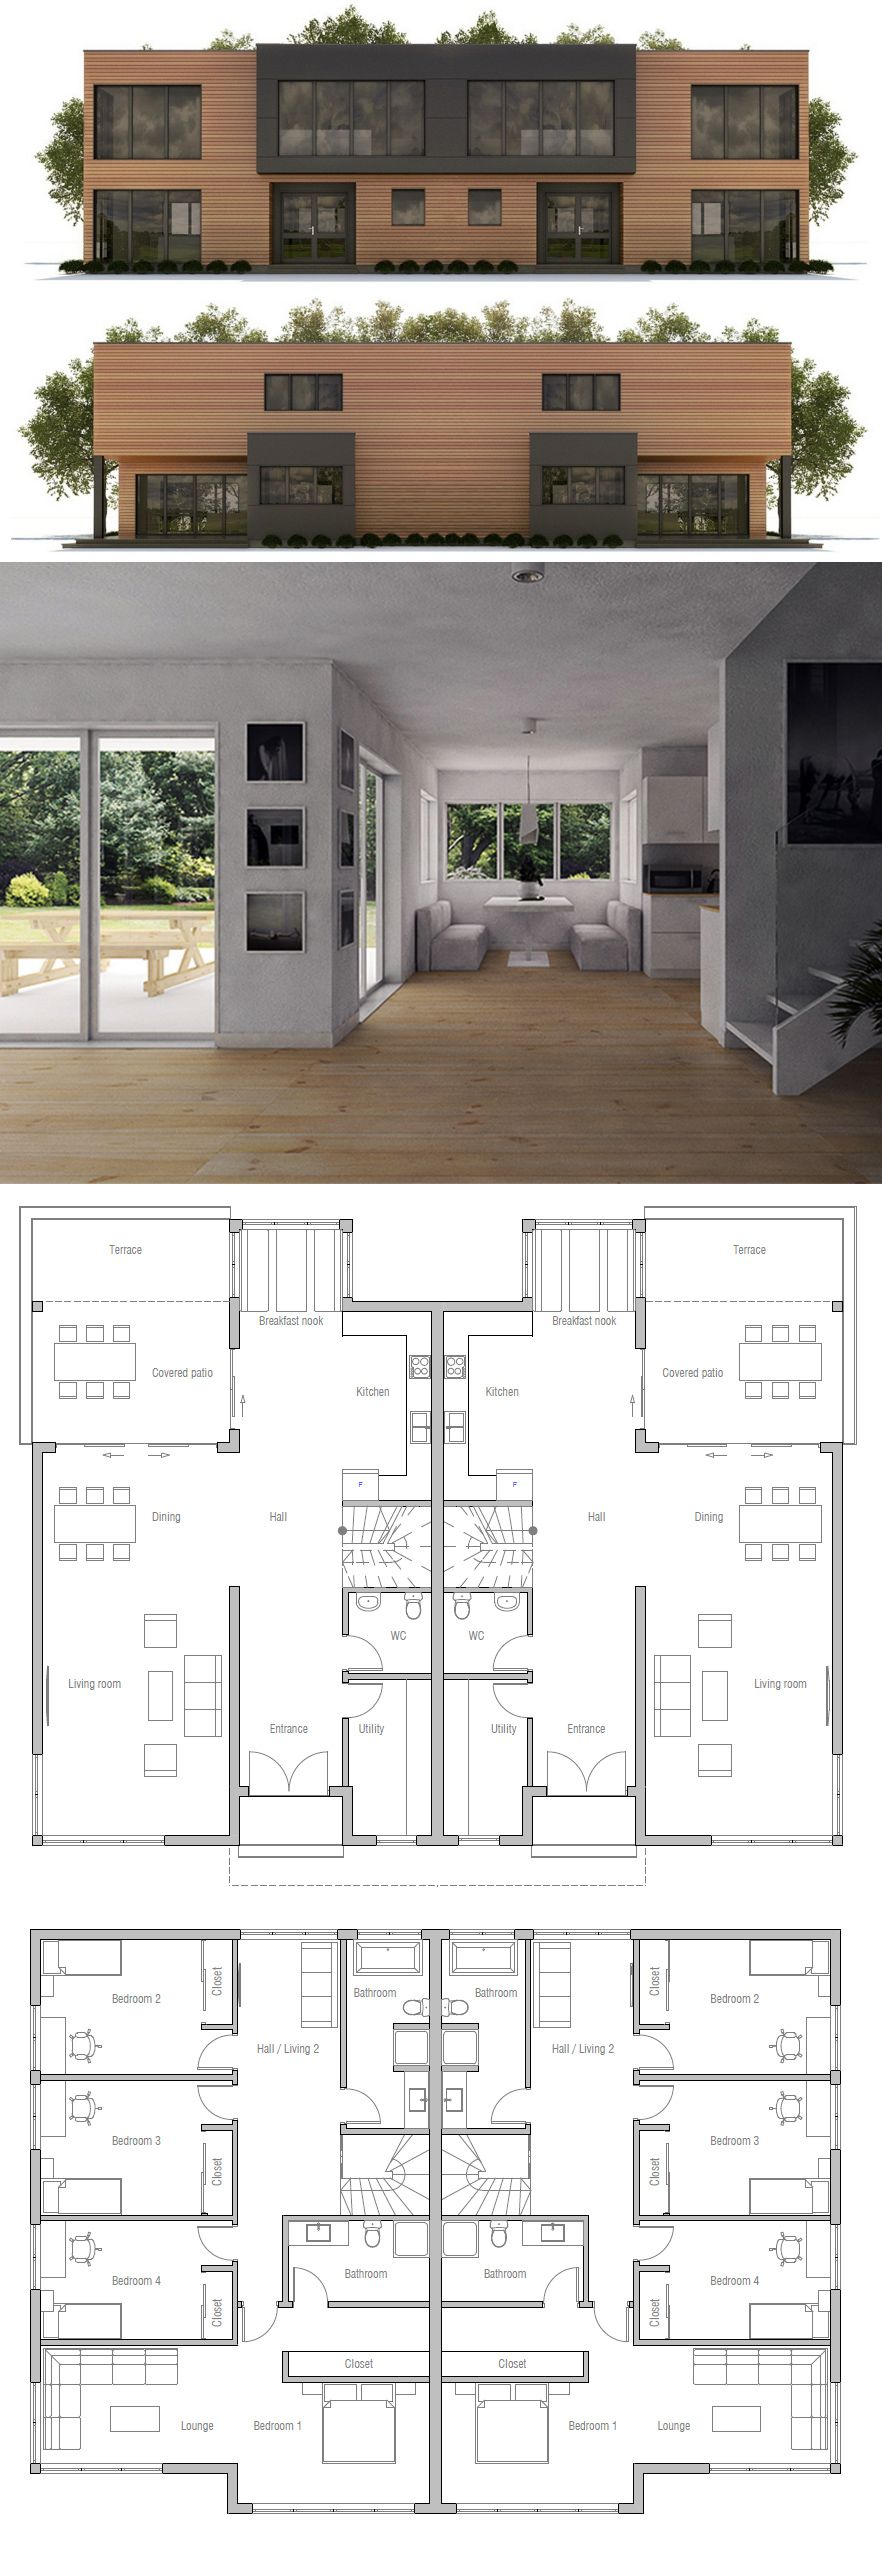 Duplex House Plan Ch395d Duplex House Plans House Plans House Architecture Design